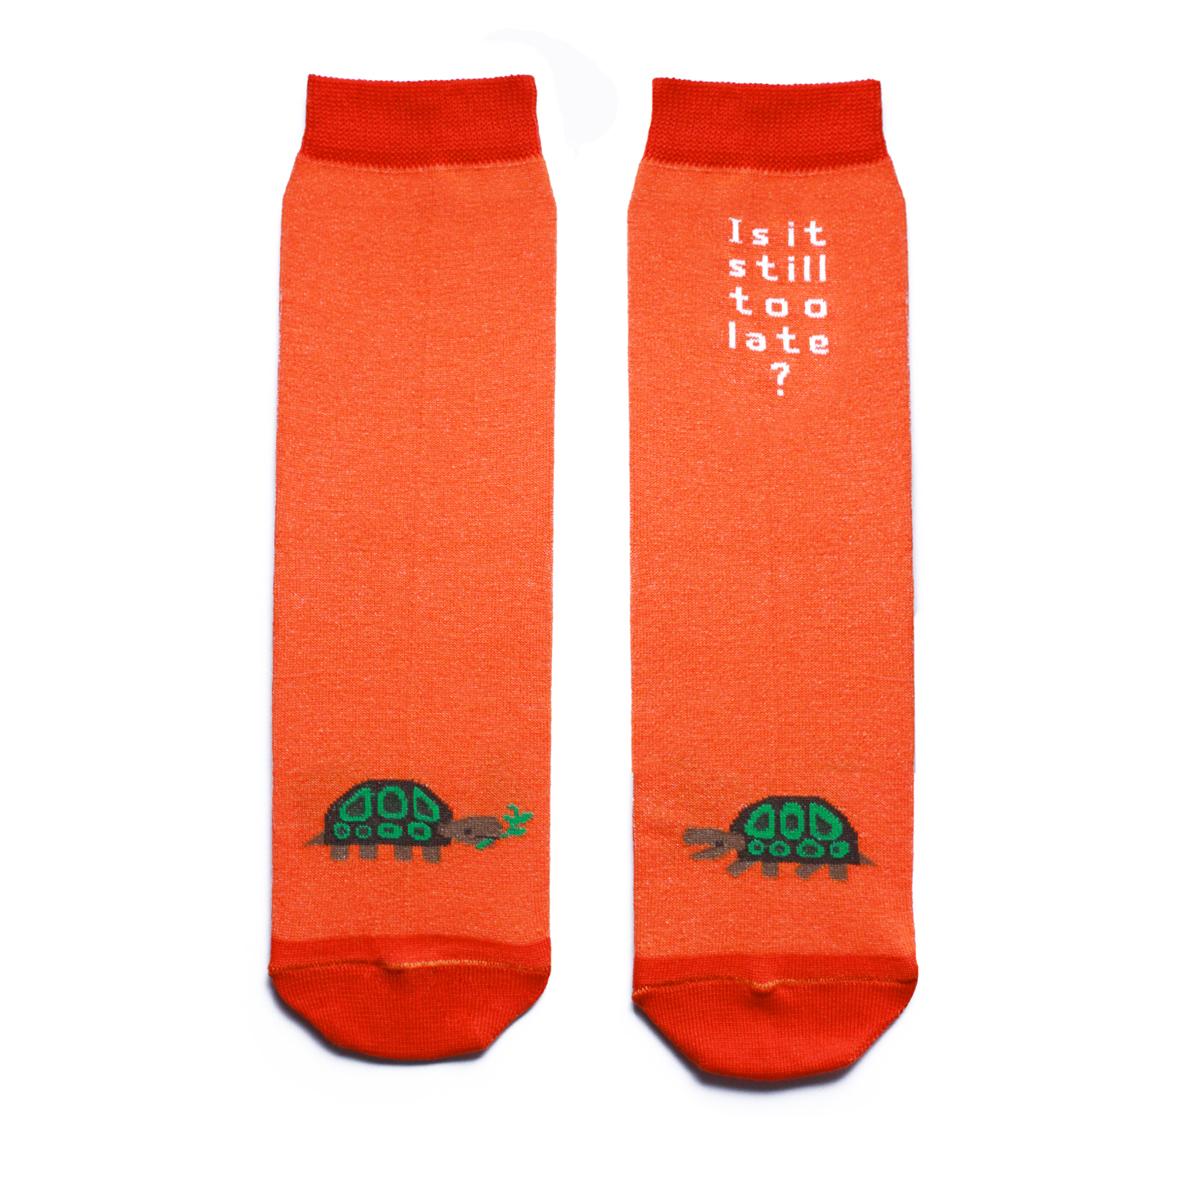 Носки мужские. ca1533_махровыеca1533_махровыеТеплые мужские махровые носки Big Bang Socks изготовлены из высококачественного хлопка с добавлением полиамидных и эластановых волокон, которые обеспечивают великолепную посадку. Носки отличаются ярким стильным дизайном, они оформлены изображением черепахи и надписью: Is it still to late?. Удобная широкая резинка идеально облегает ногу и не пережимает сосуды, усиленные пятка и мысок повышают износоустойчивость носка, а удлиненный паголенок придает более эстетичный вид. Дизайнерские носки Big Bang Socks - яркая деталь в вашем образе и оригинальный подарок для друзей и близких.